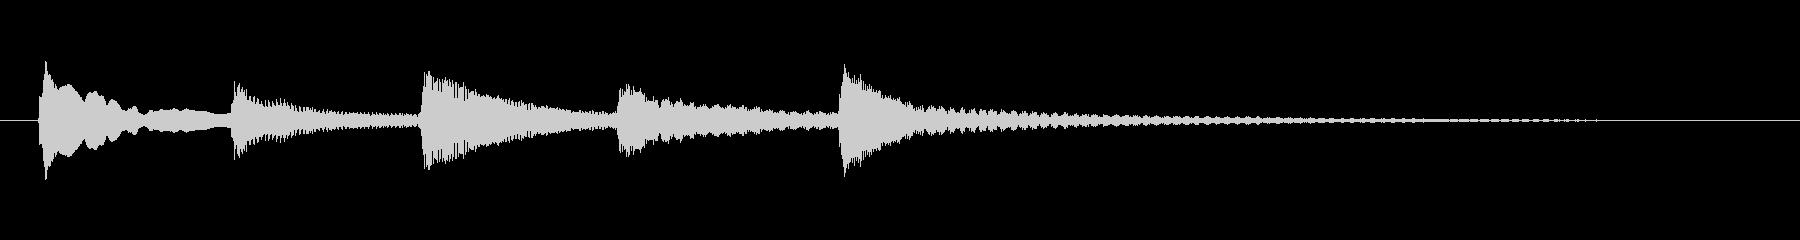 ゆらぎのある和風(琴)の終了音の未再生の波形